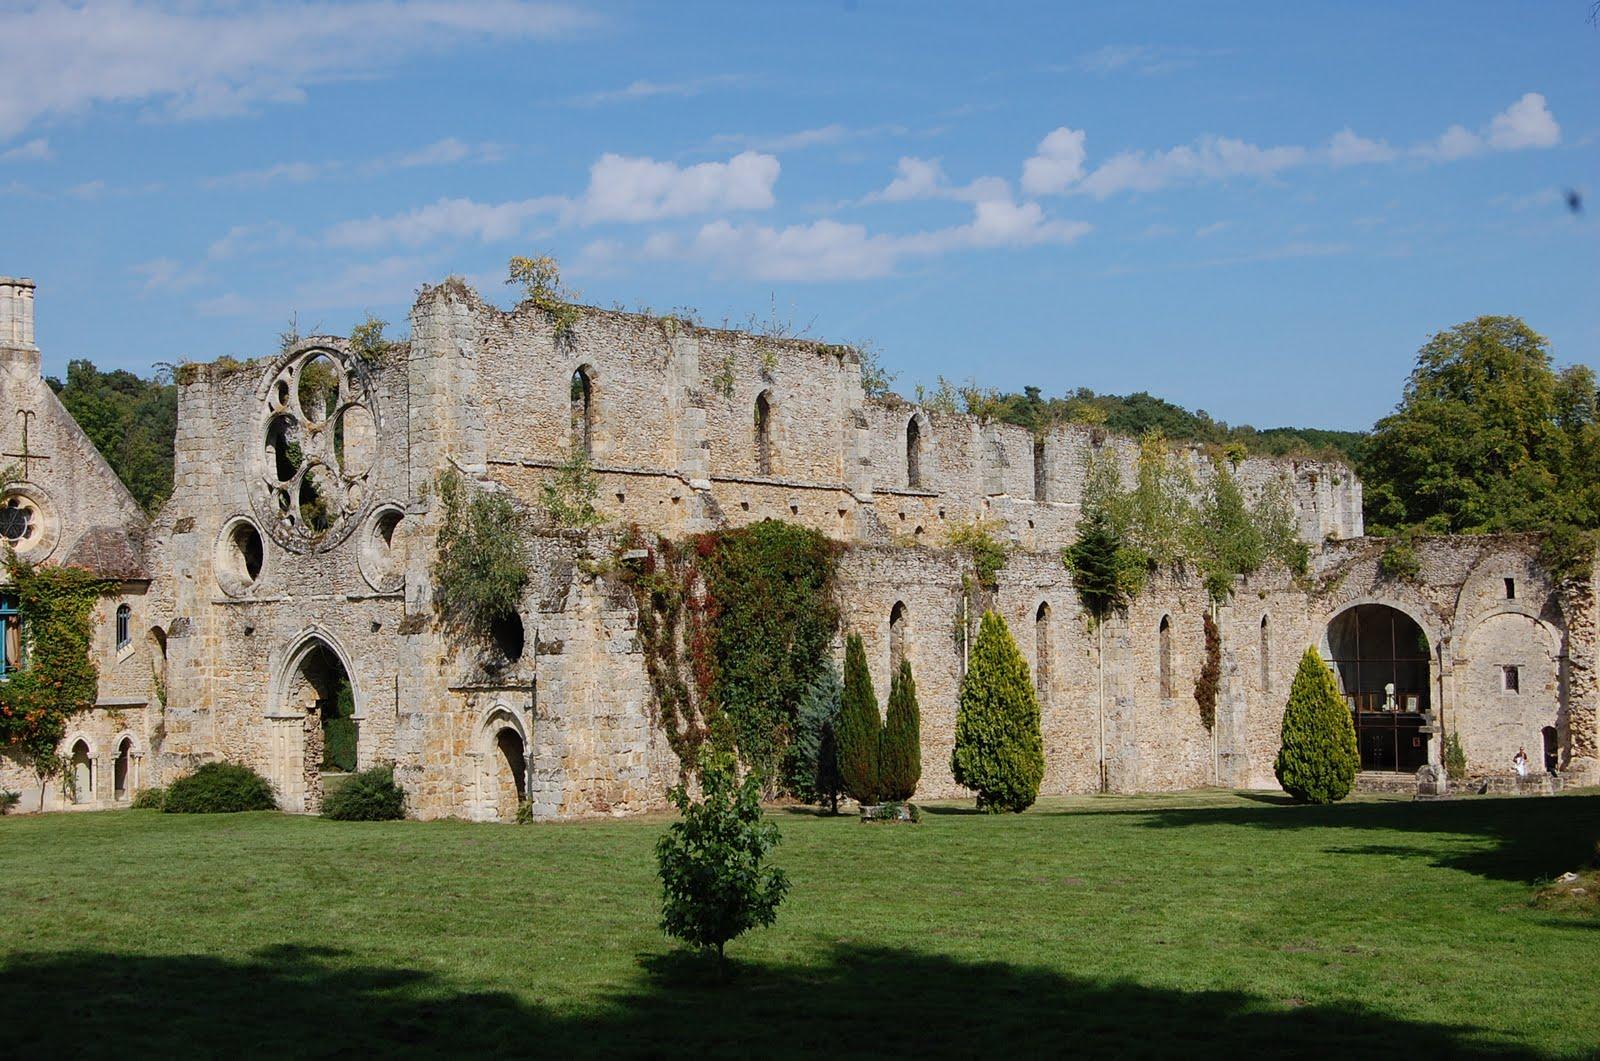 Lanka abbaye des vaux de cernay for Abbaye des vaux de cernay piscine